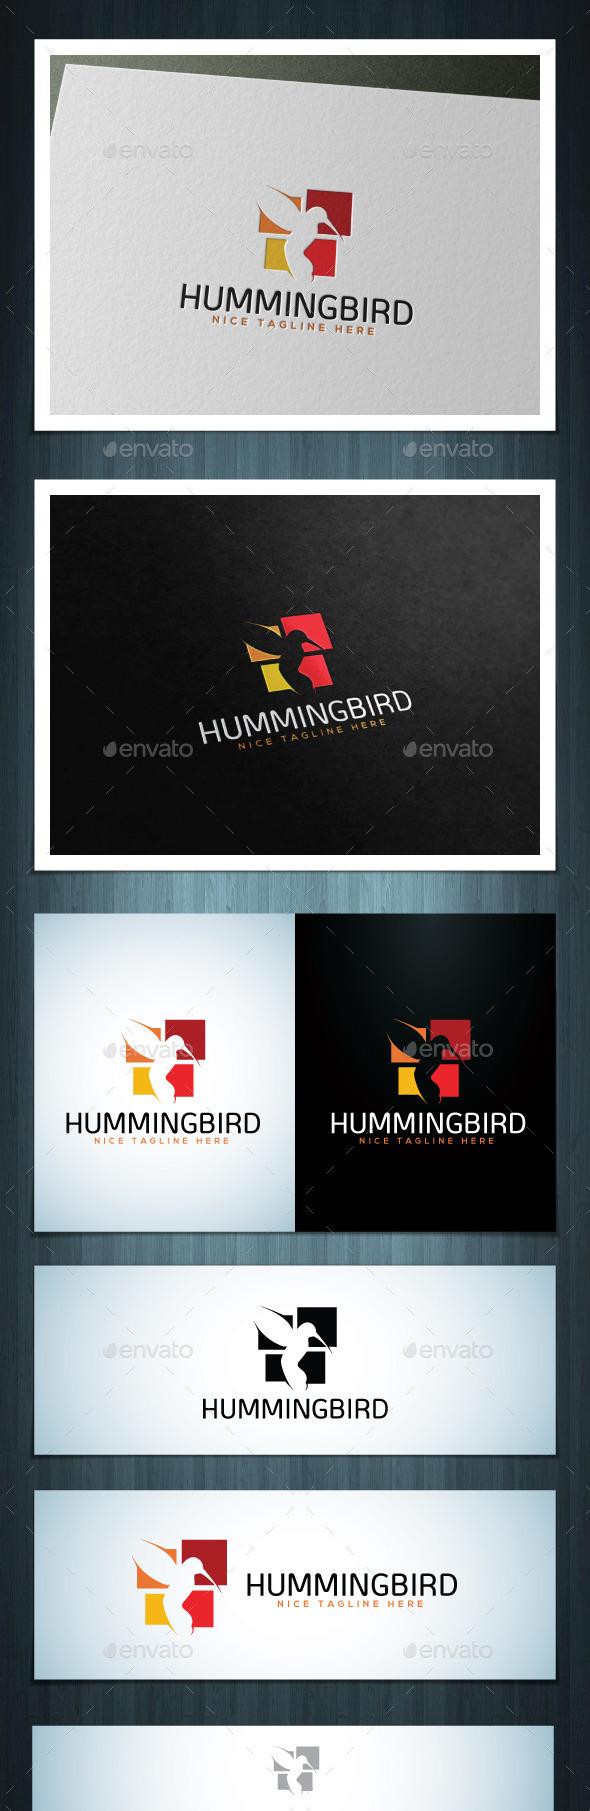 Hummingbird - Vector Abstract